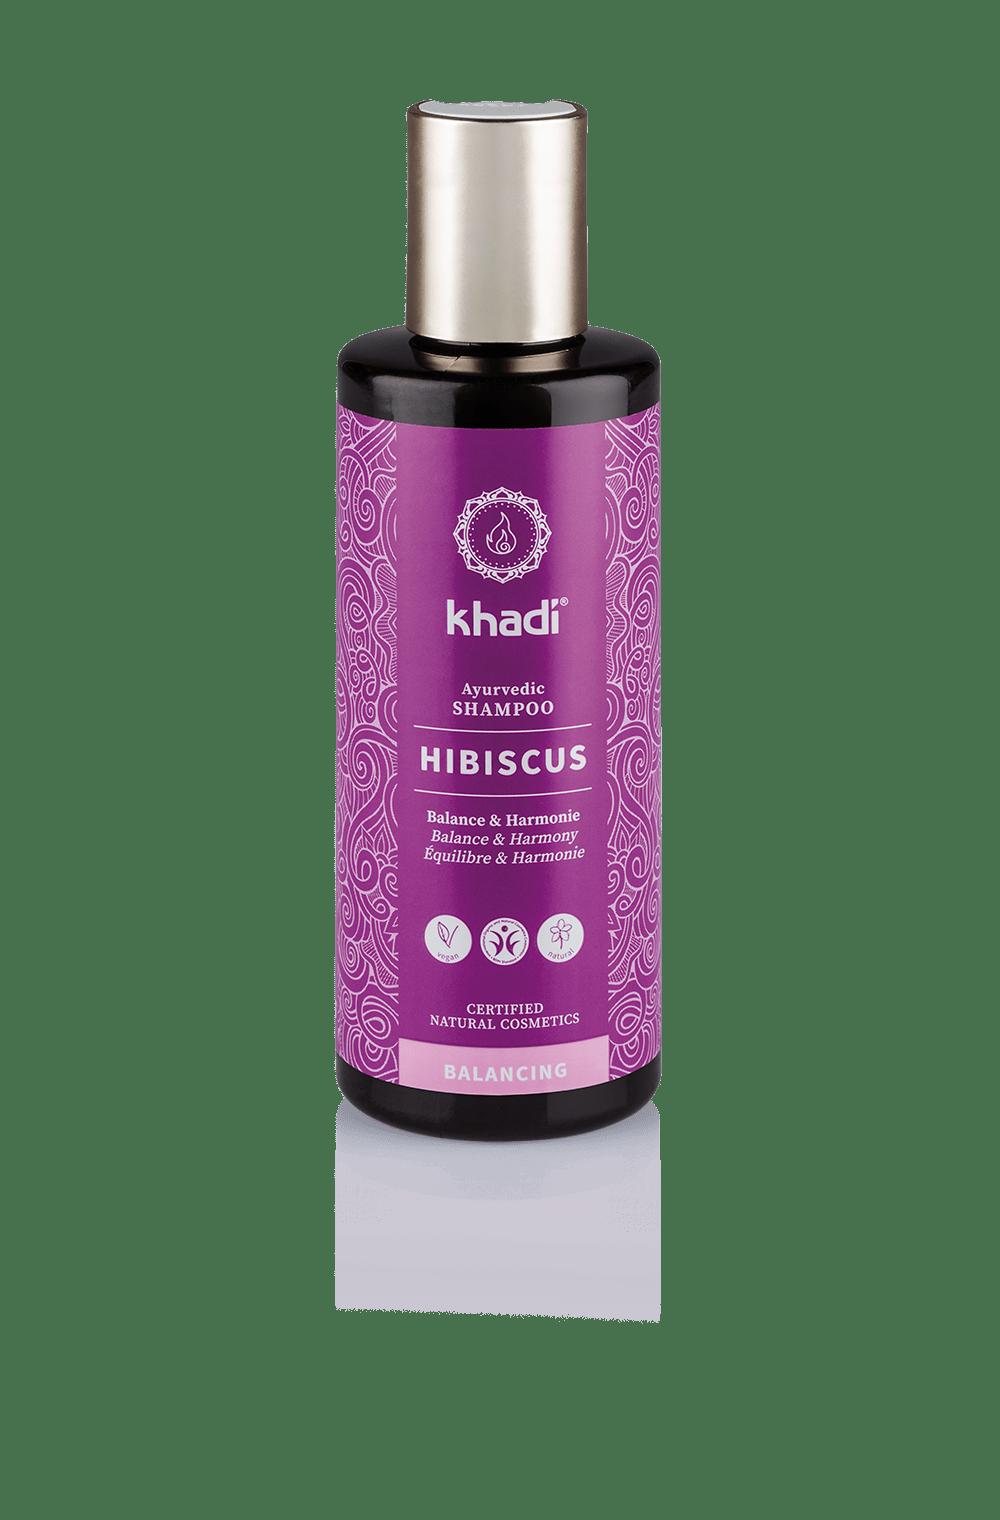 Khadi Hibiskus shampoo